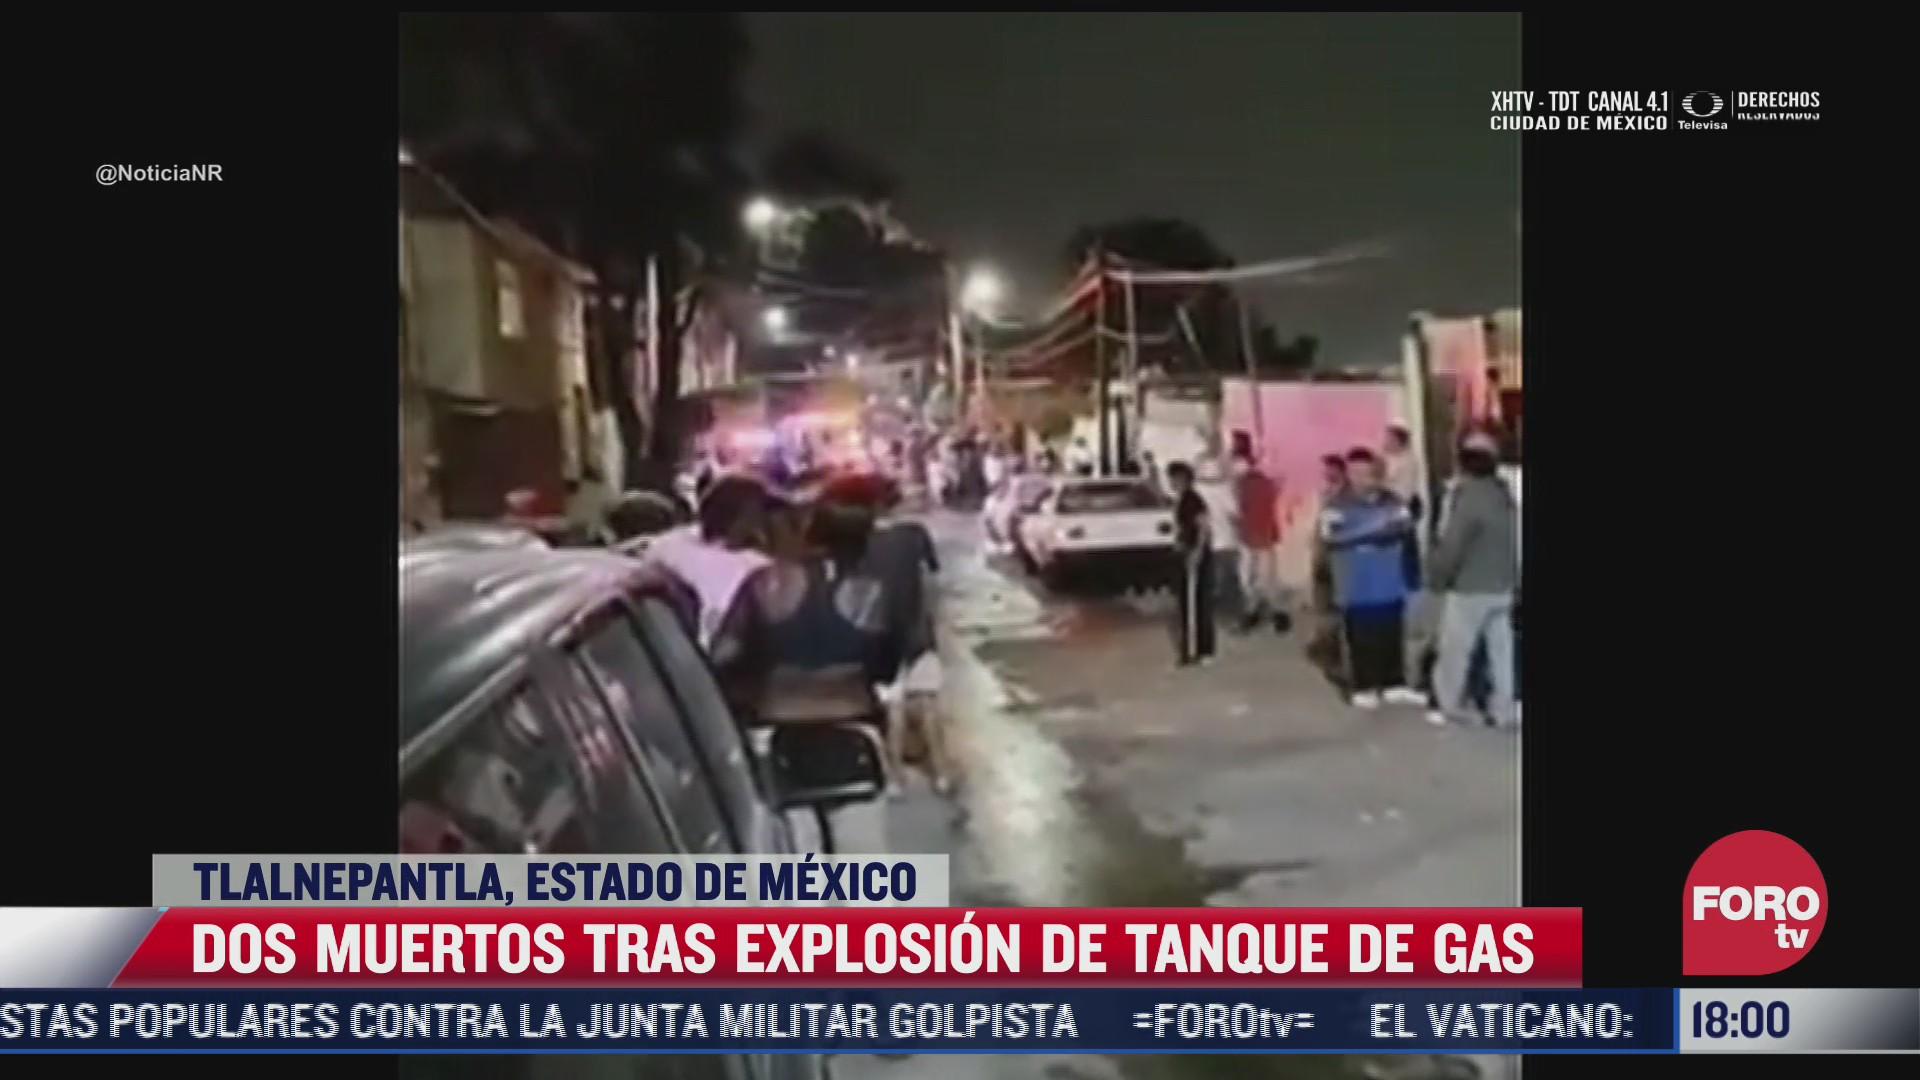 explosion de tanque de gas deja dos muertos en tlalnepantla